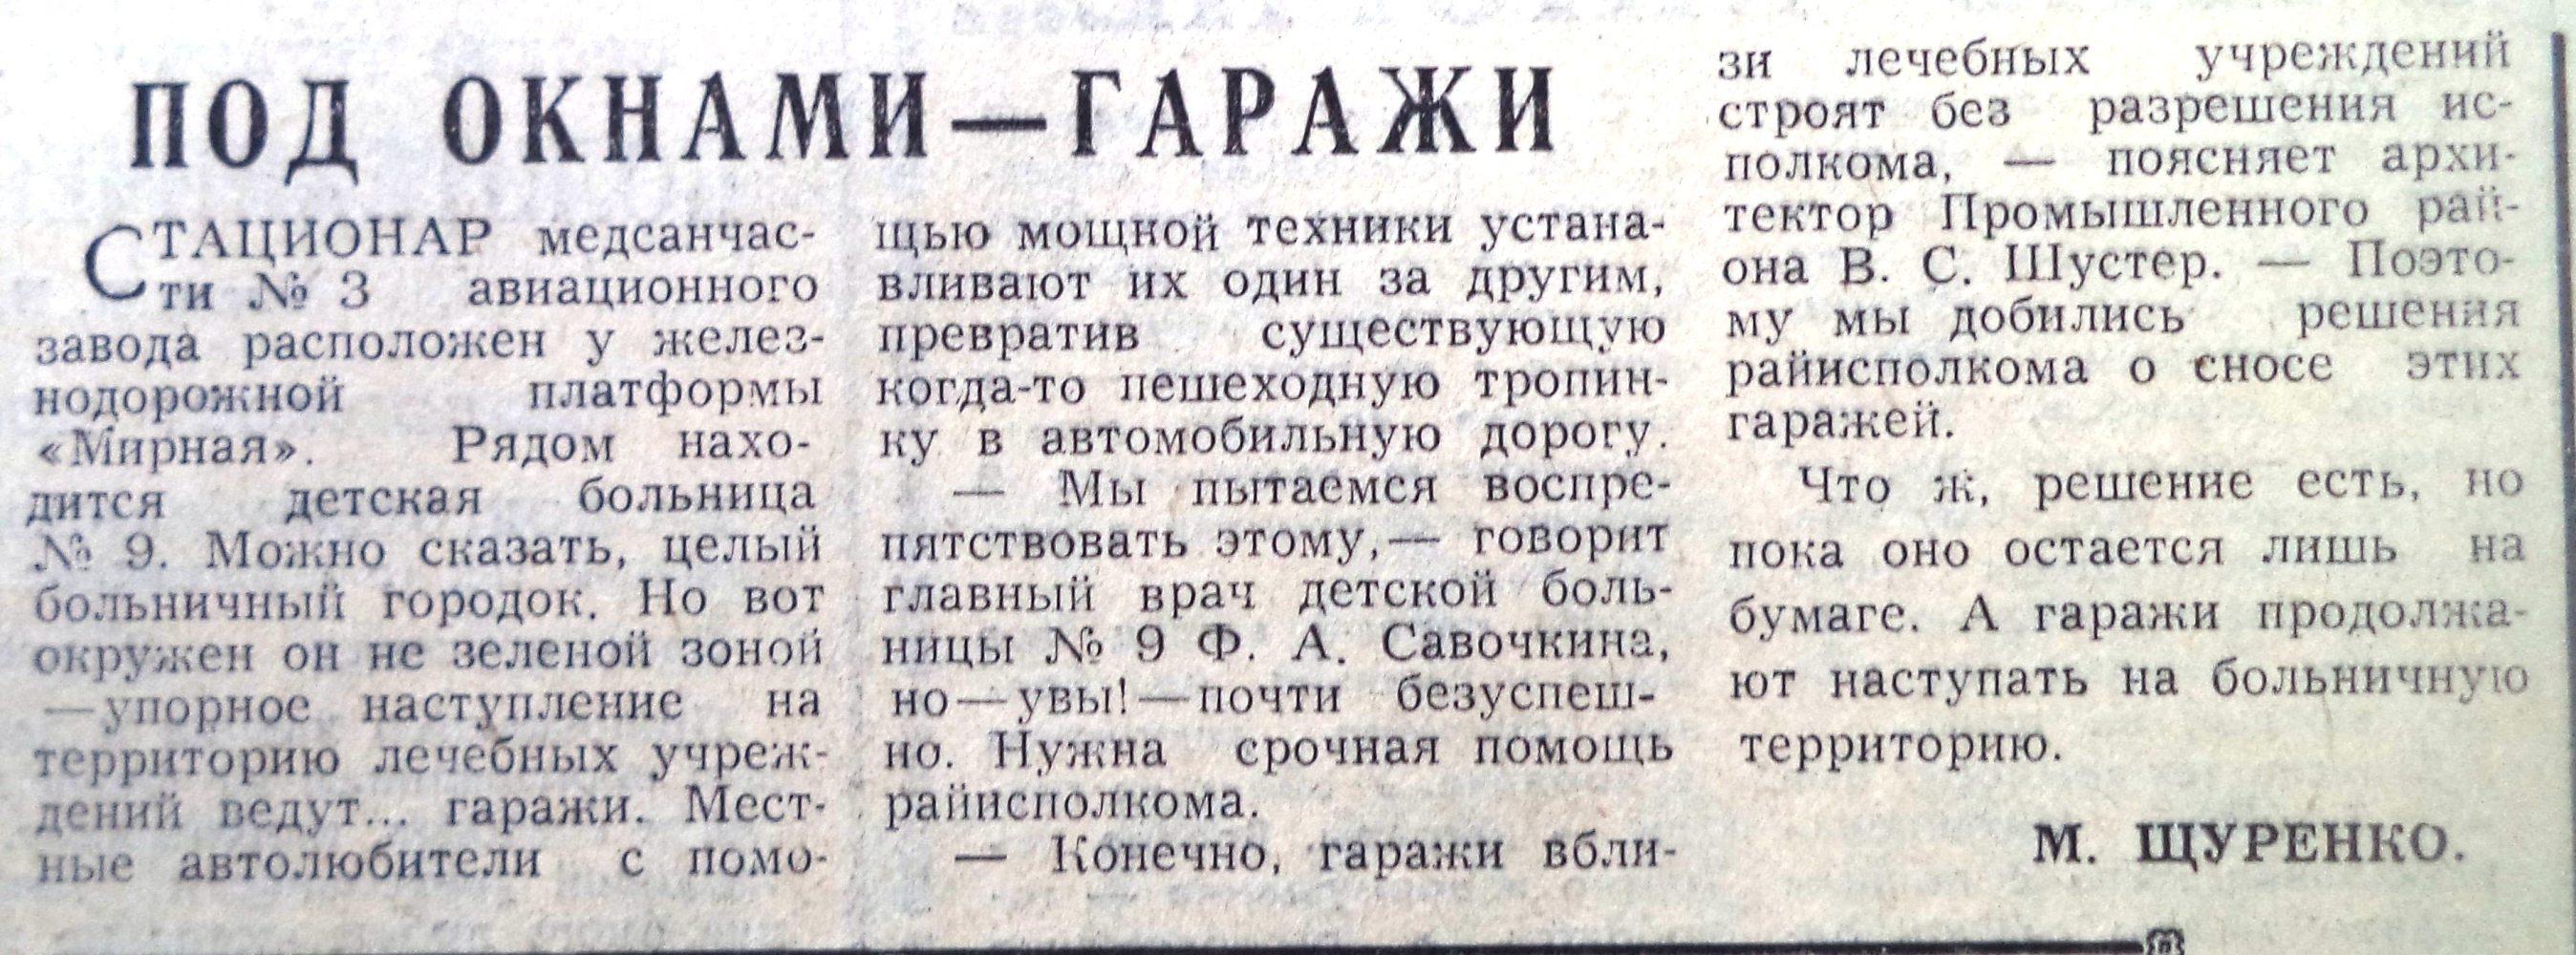 Стар-Стац-ФОТО-27-ВЗя-1980-10-16-неблаг-во МСЧ у платф. Мирная